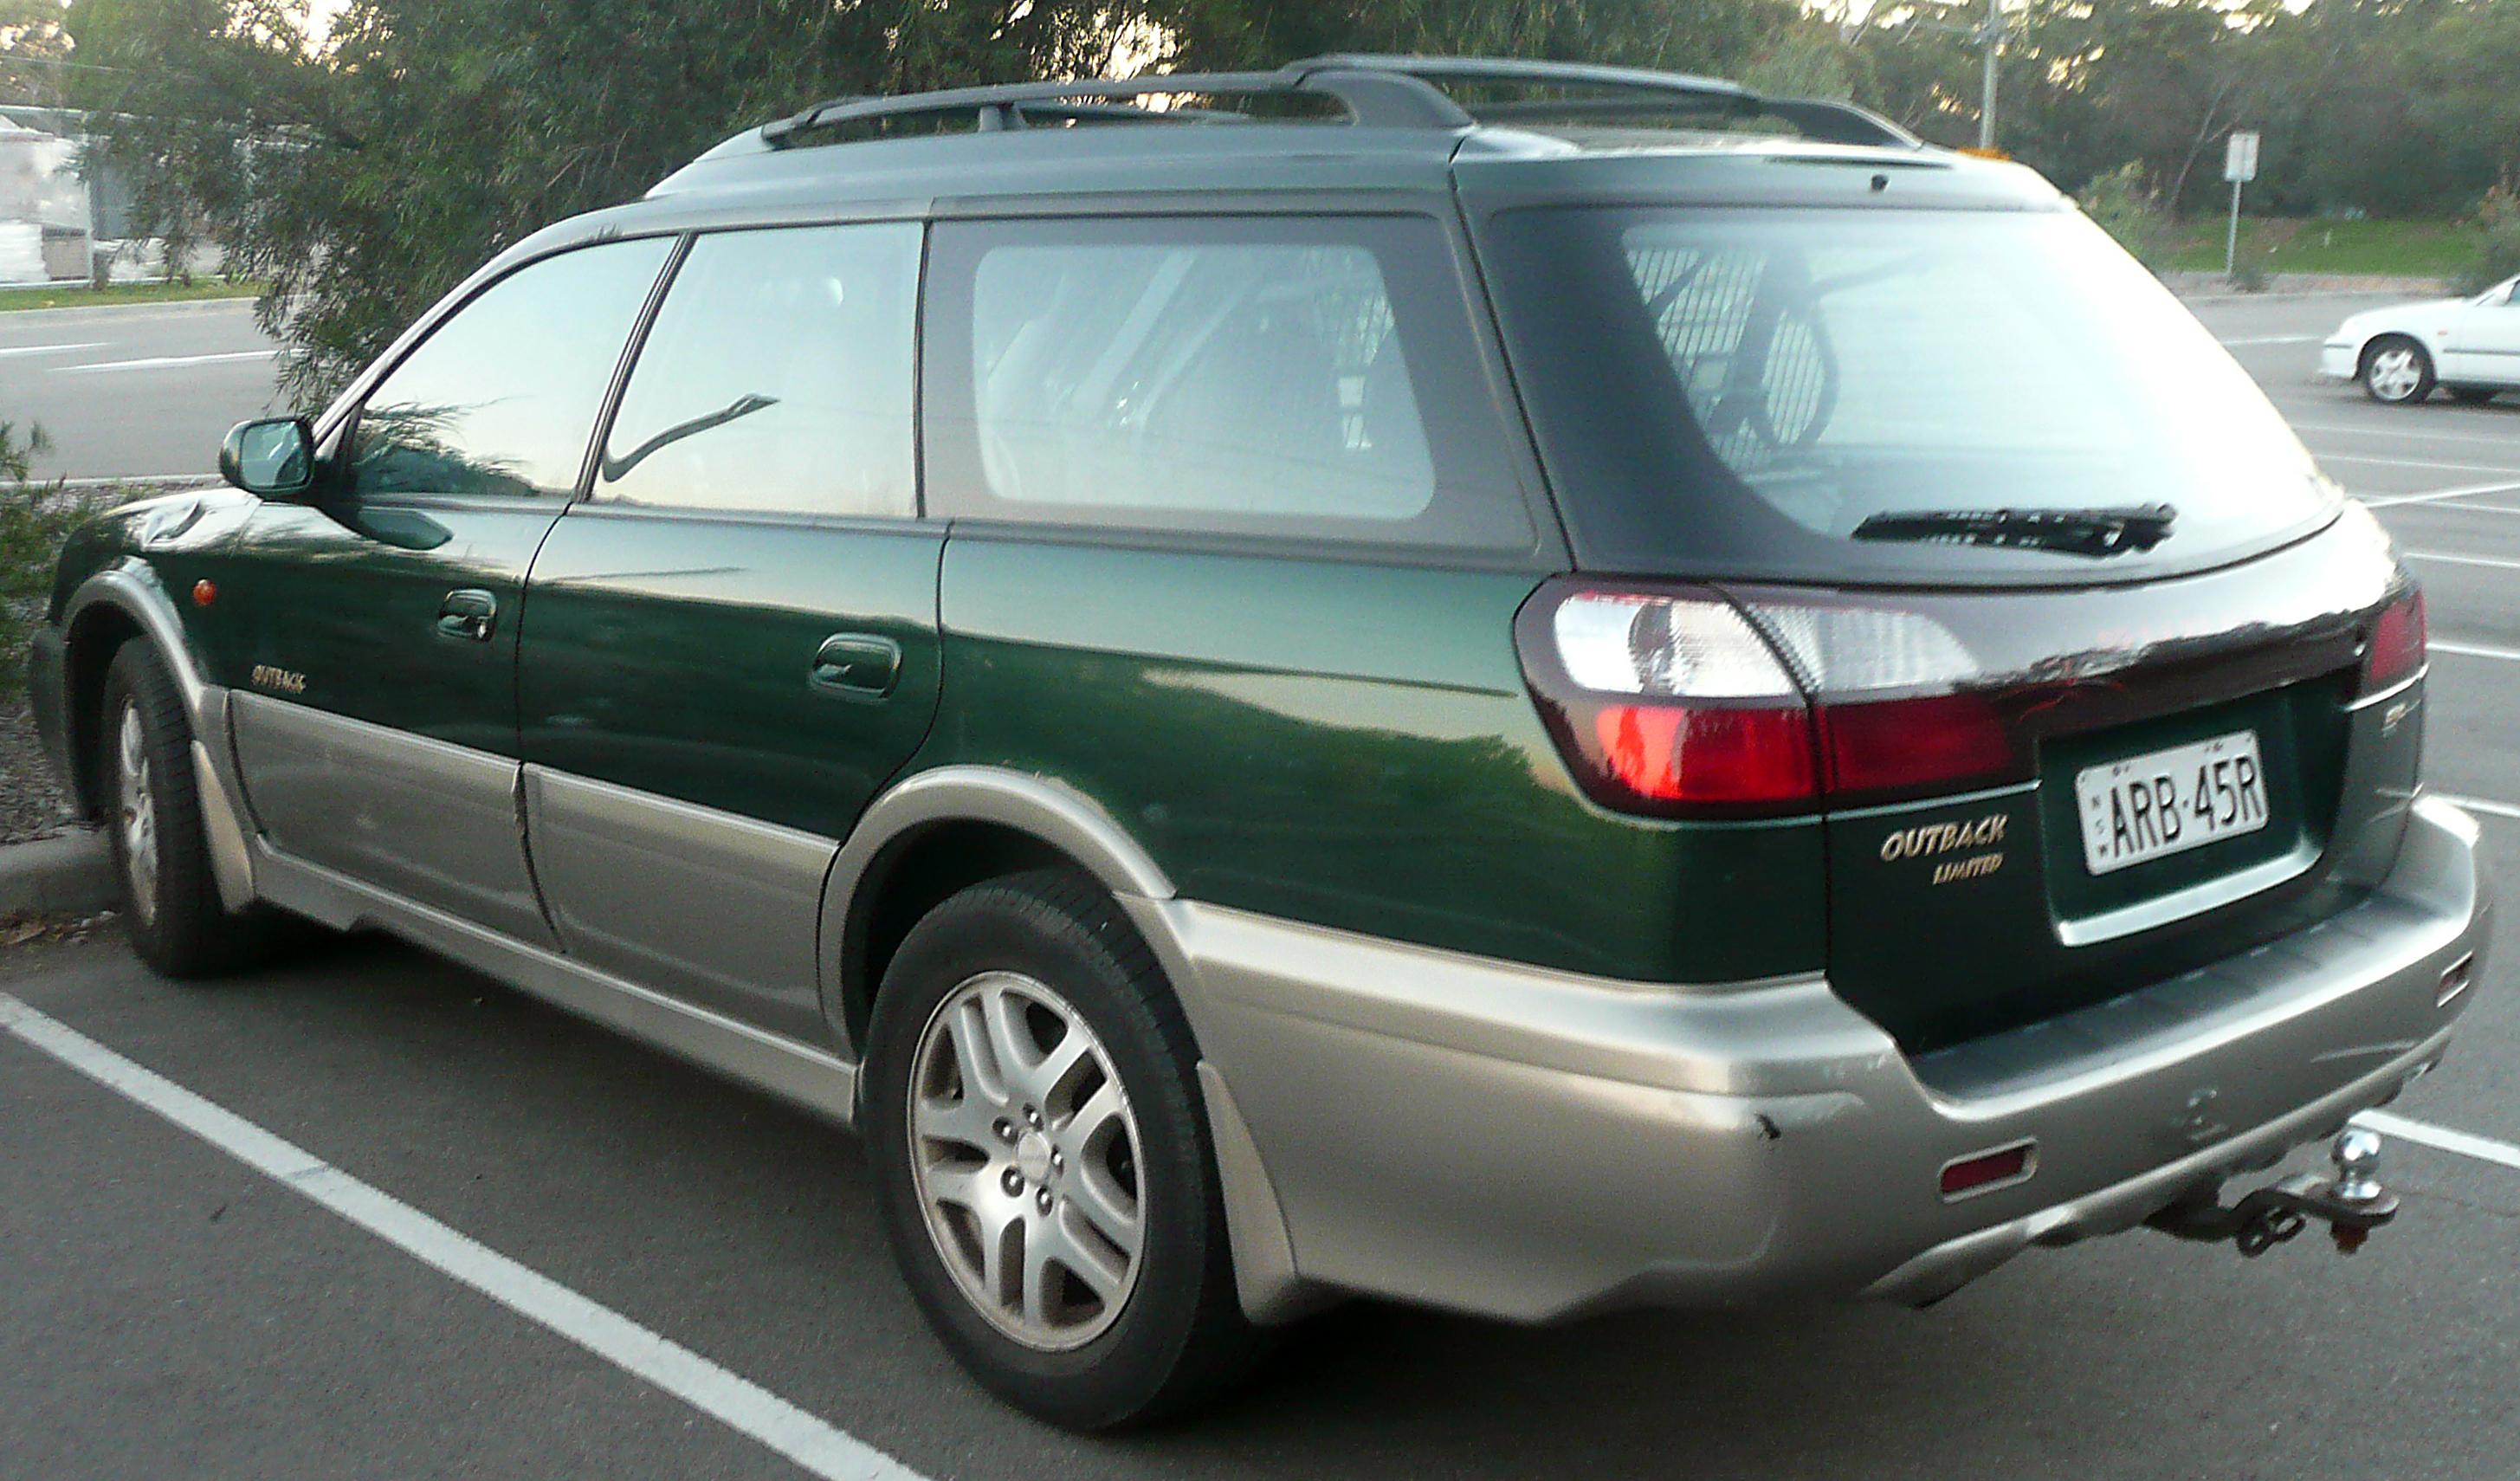 1999 Subaru Legacy Outback Limited >> Subaru Outback Wikipedia | Autos Post